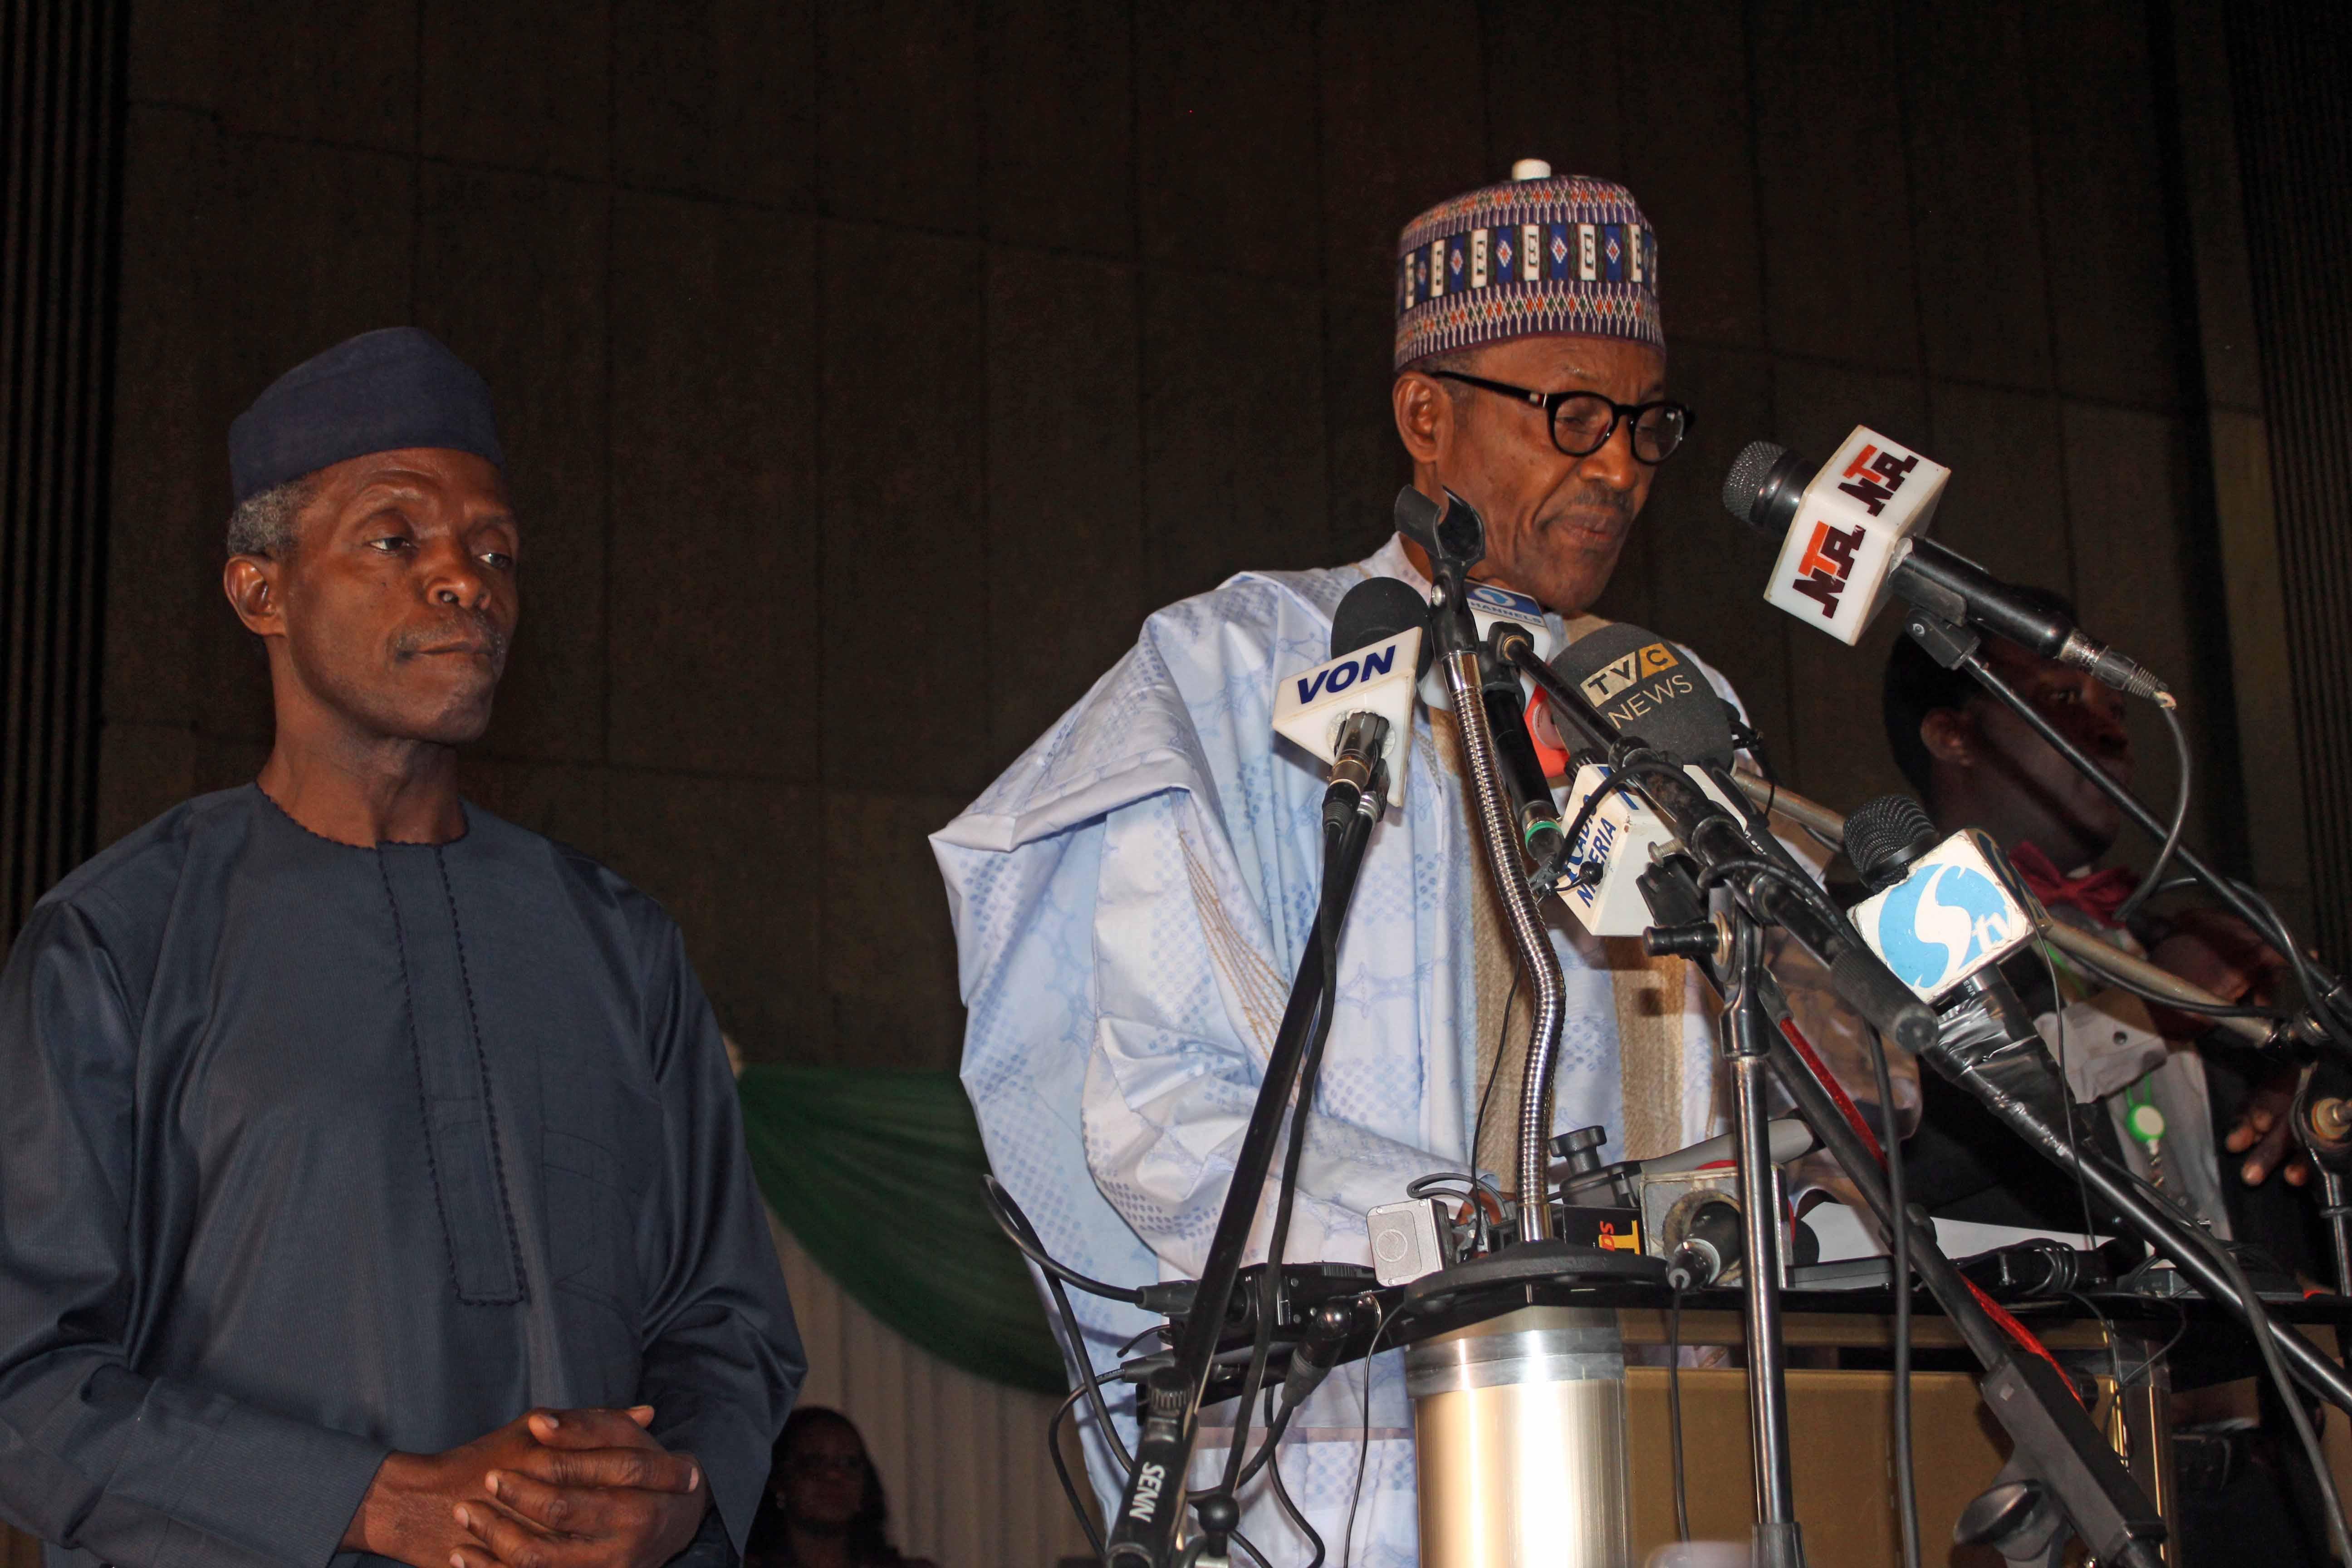 President & VP Elect Muhammadu Buhari & Yemi Osinbajo